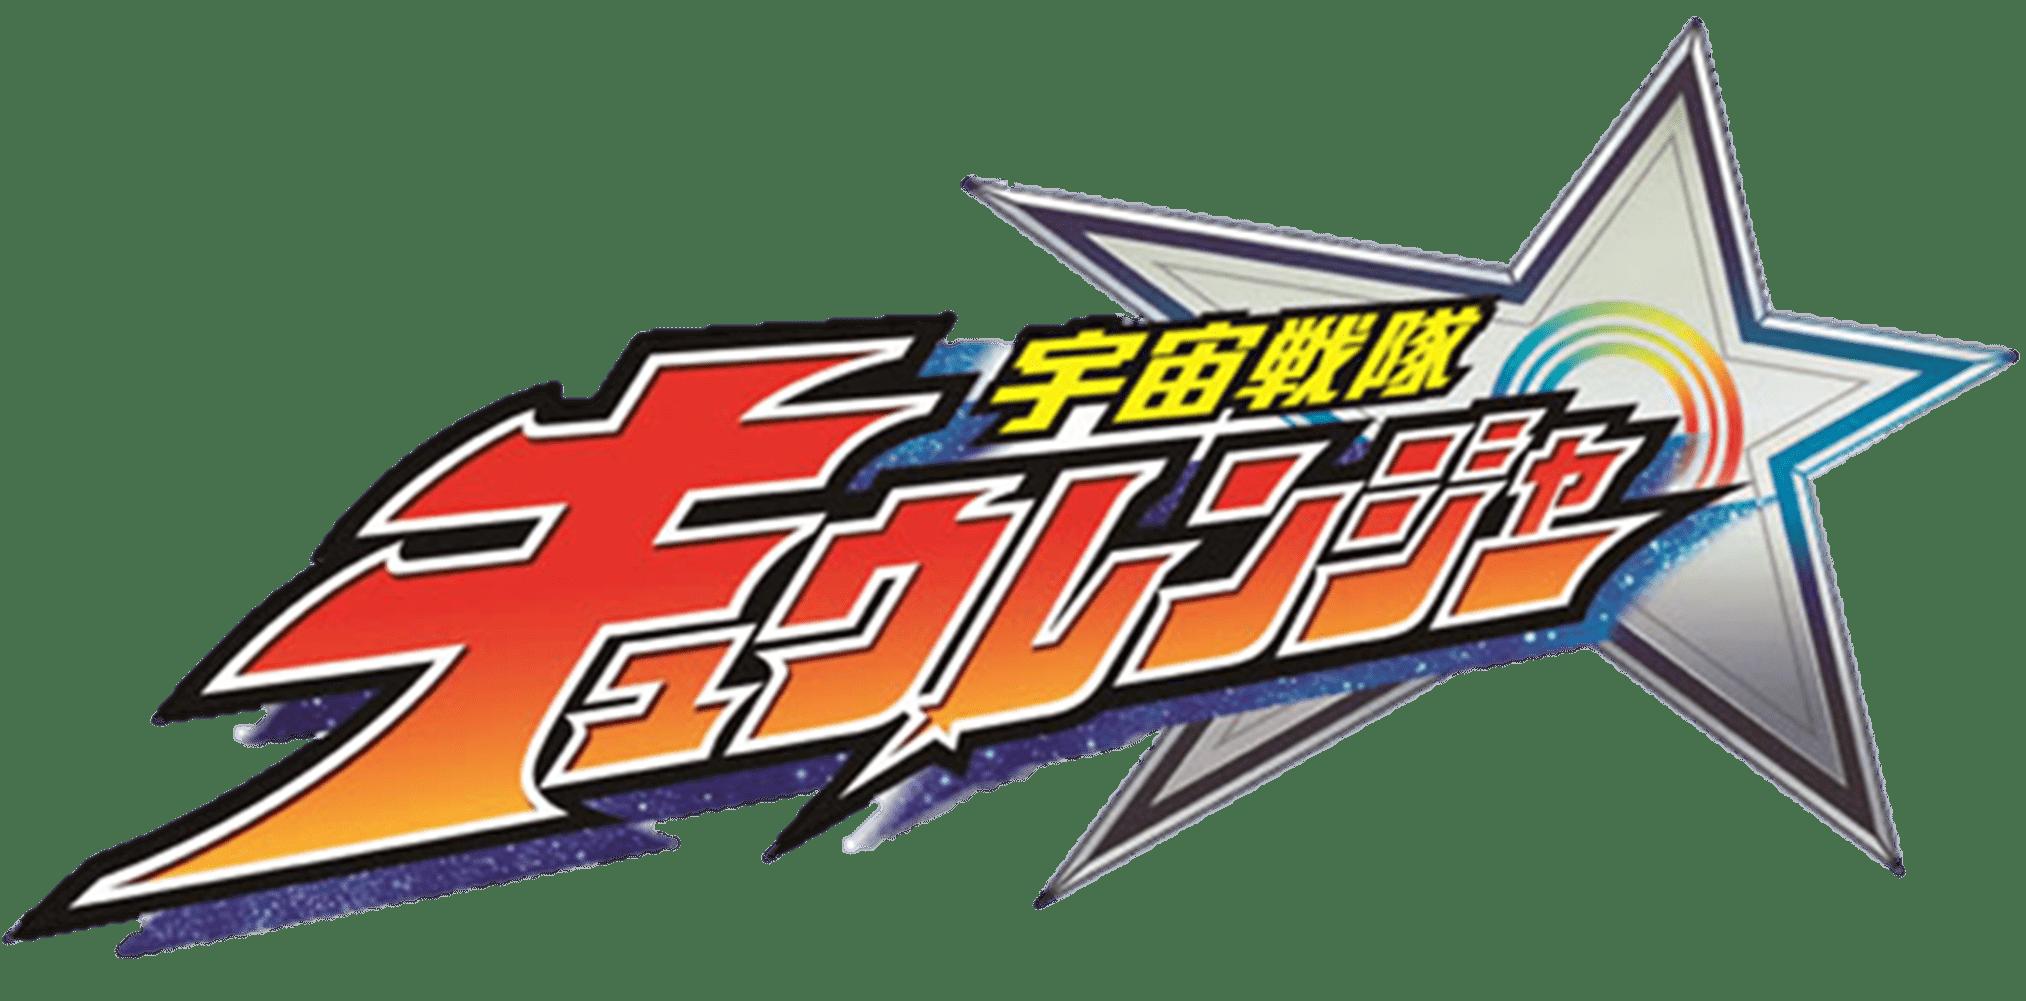 Uchuu Sentai Kyuranger 8